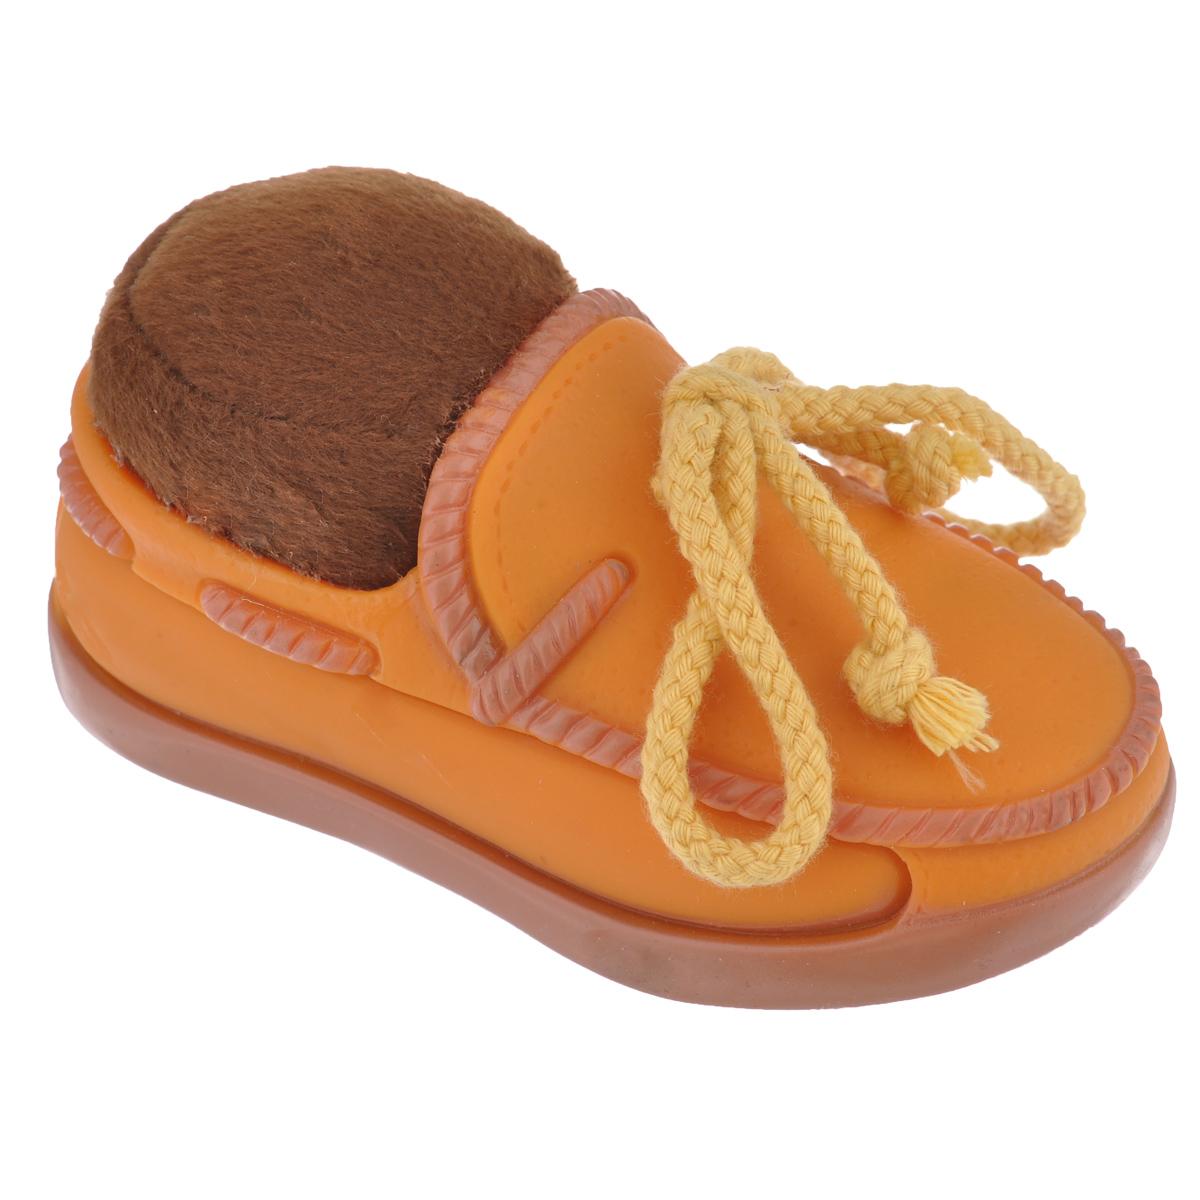 Игрушка для собак Beeztees Изящный ботинок, цвет: оранжевый24887_620900оранжевыйИгрушка Beeztees Изящный ботинок изготовлена из винила и текстиля, с использованием только безопасных, не токсичных красителей. Великолепно подходит для игры и массажа десен вашей собаки. Такая игрушка порадует вашего любимца, а вам доставит массу приятных эмоций, ведь наблюдать за игрой всегда интересно и приятно.